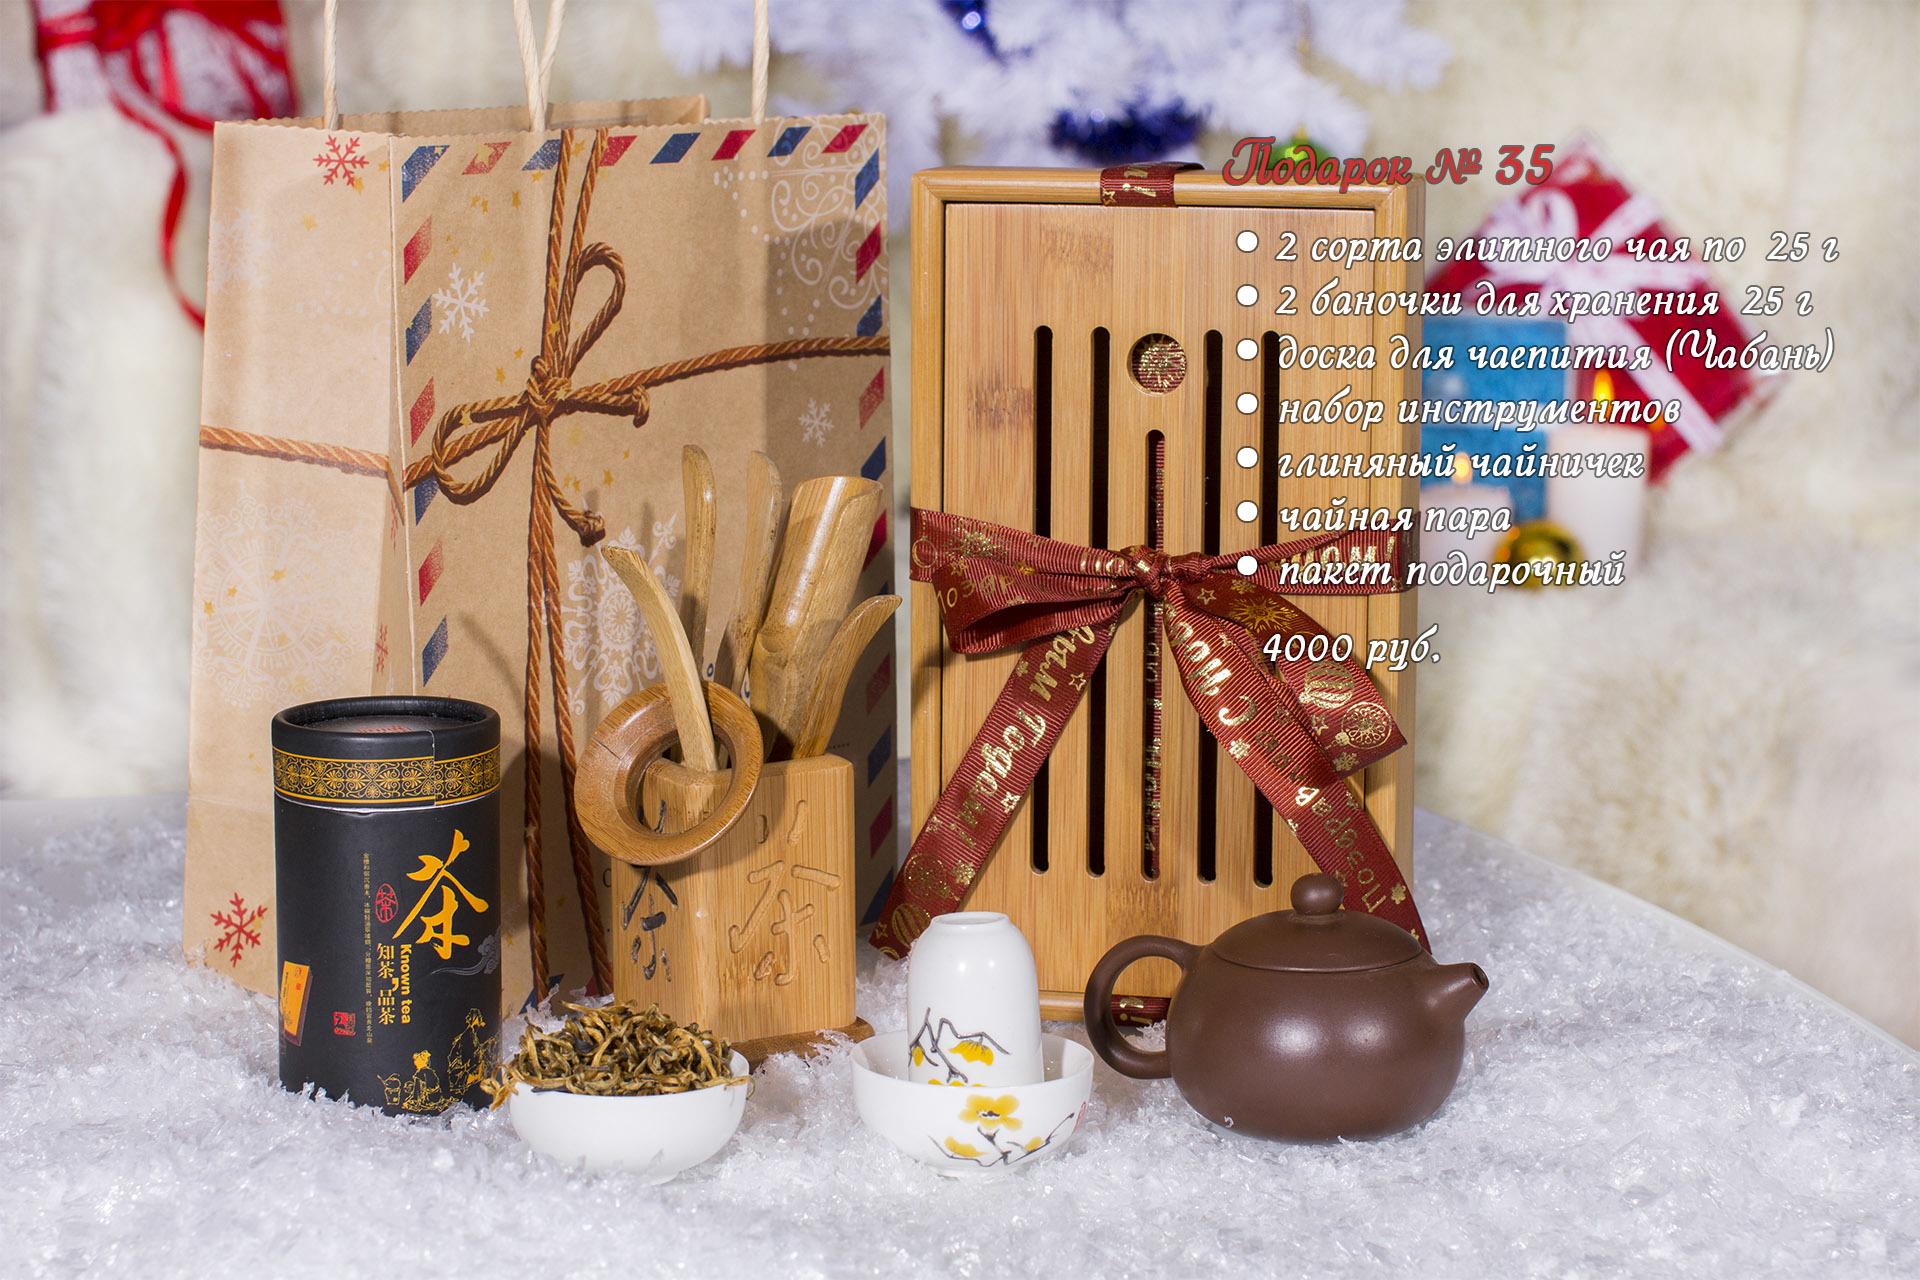 Элитные сорта чая и кофе в подарок 51